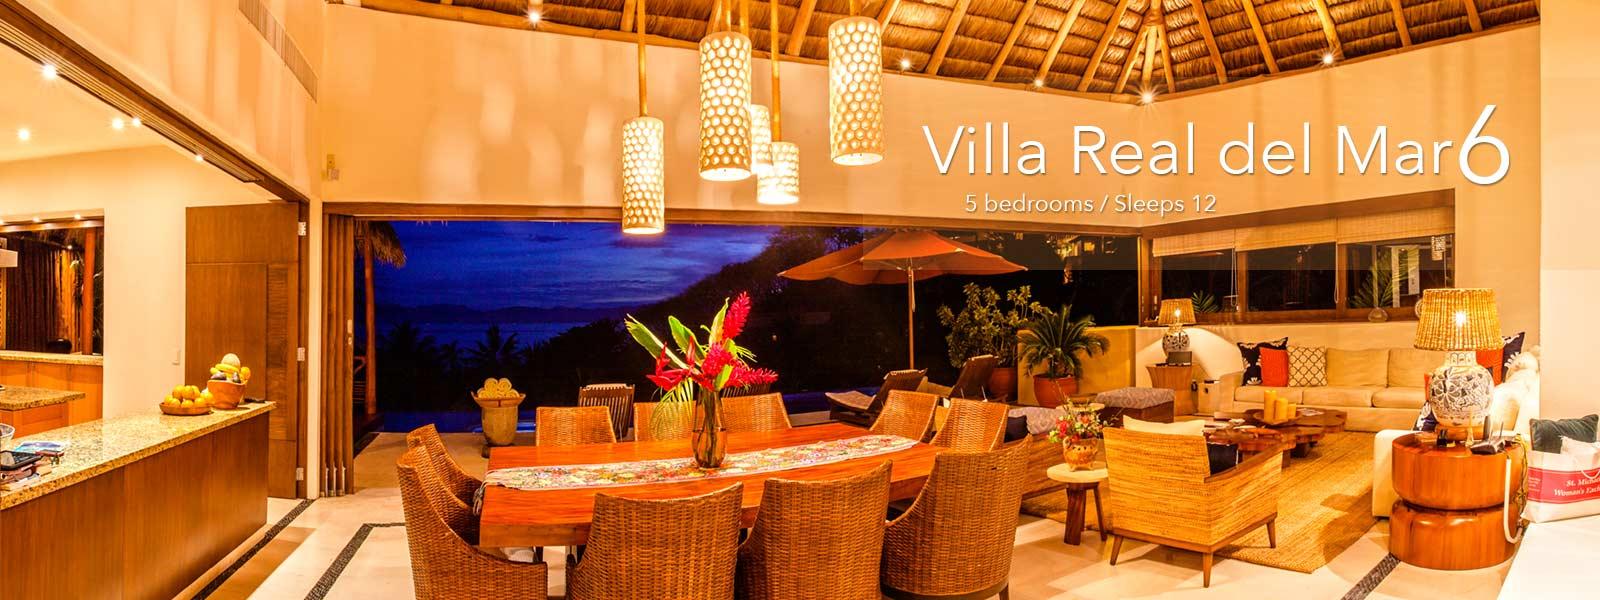 Villa Real del Mar 6 - Punta de Mita Luxury Real Estate and Vacation Rentals - Mexico